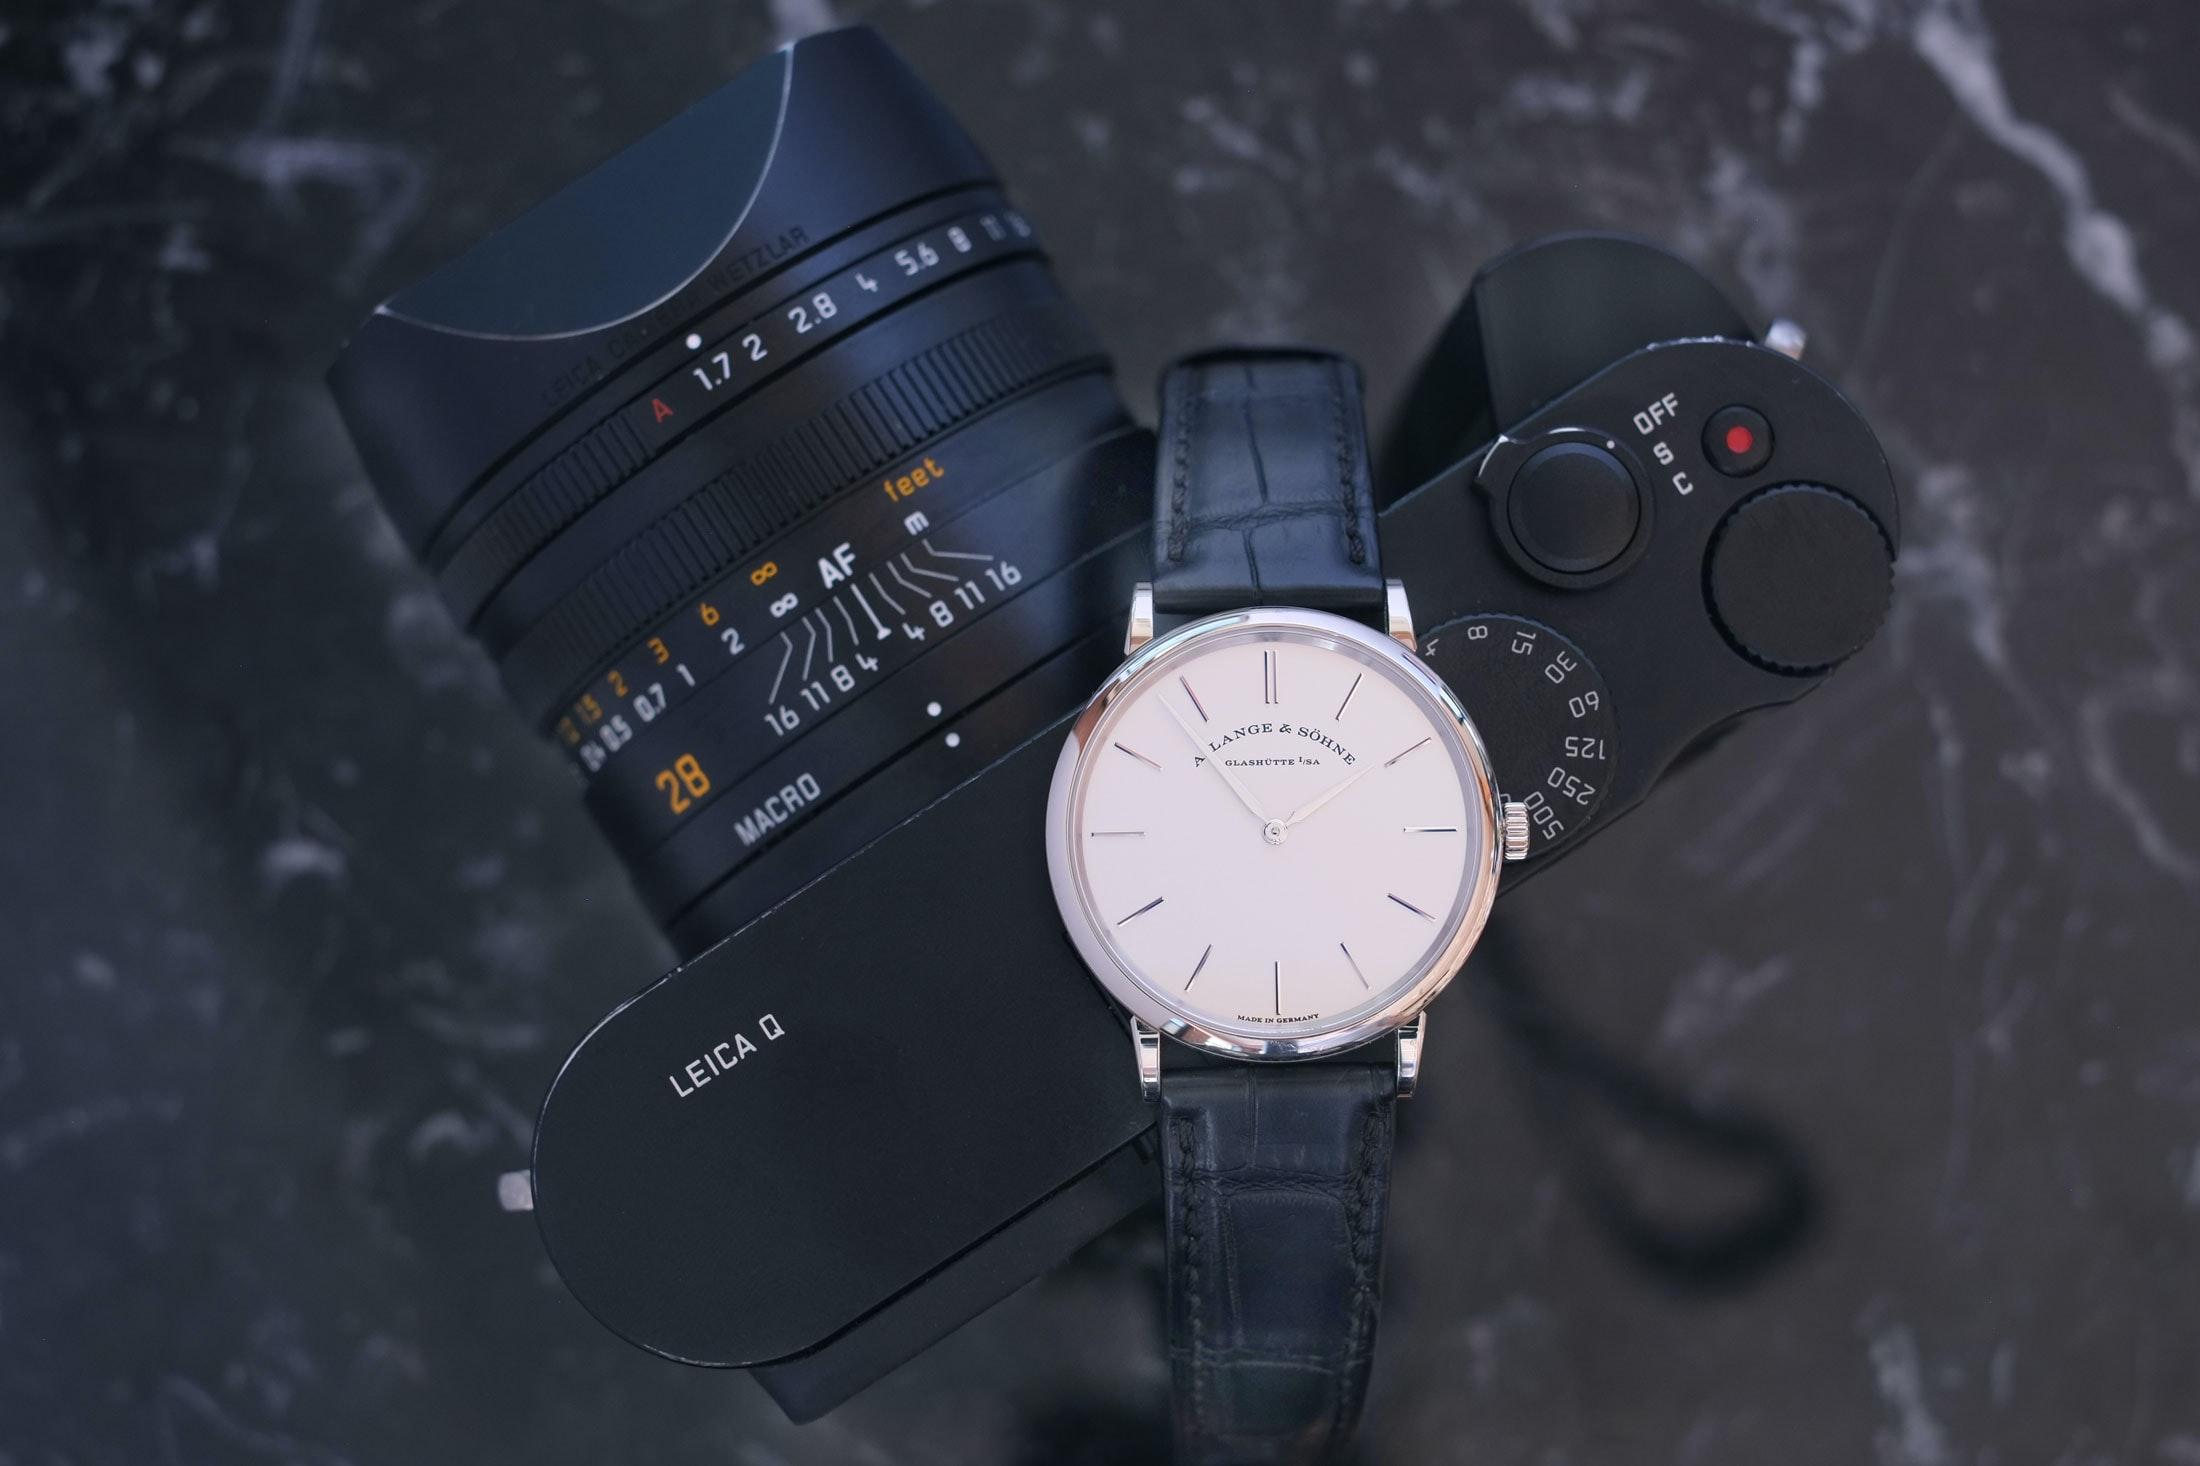 saxonia thin lange sohne hodinkee A Week On The Wrist: The A. Lange & Söhne Saxonia Thin 37mm A Week On The Wrist: The A. Lange & Söhne Saxonia Thin 37mm lange saxonia 05